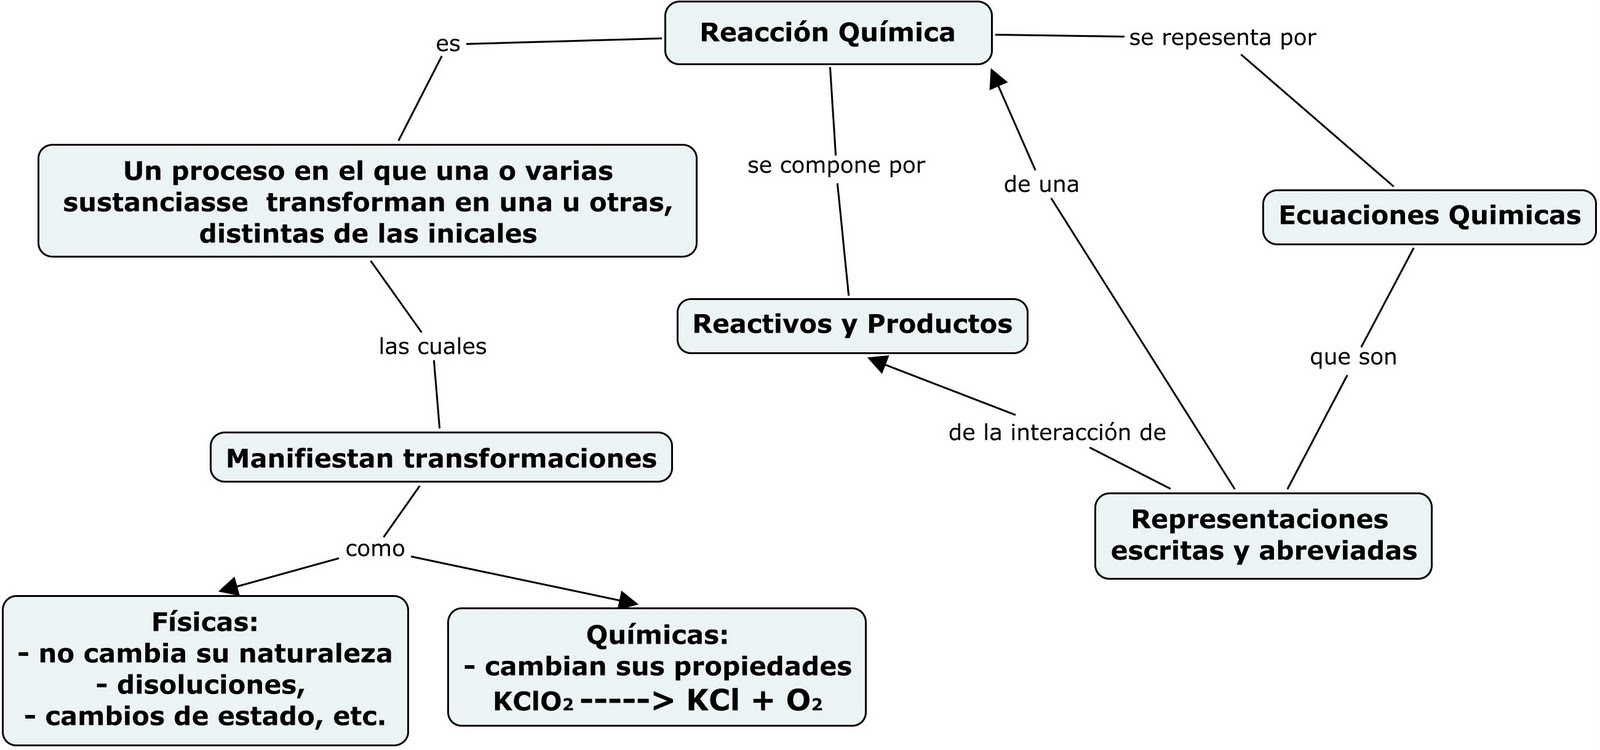 disoluciones organicas: